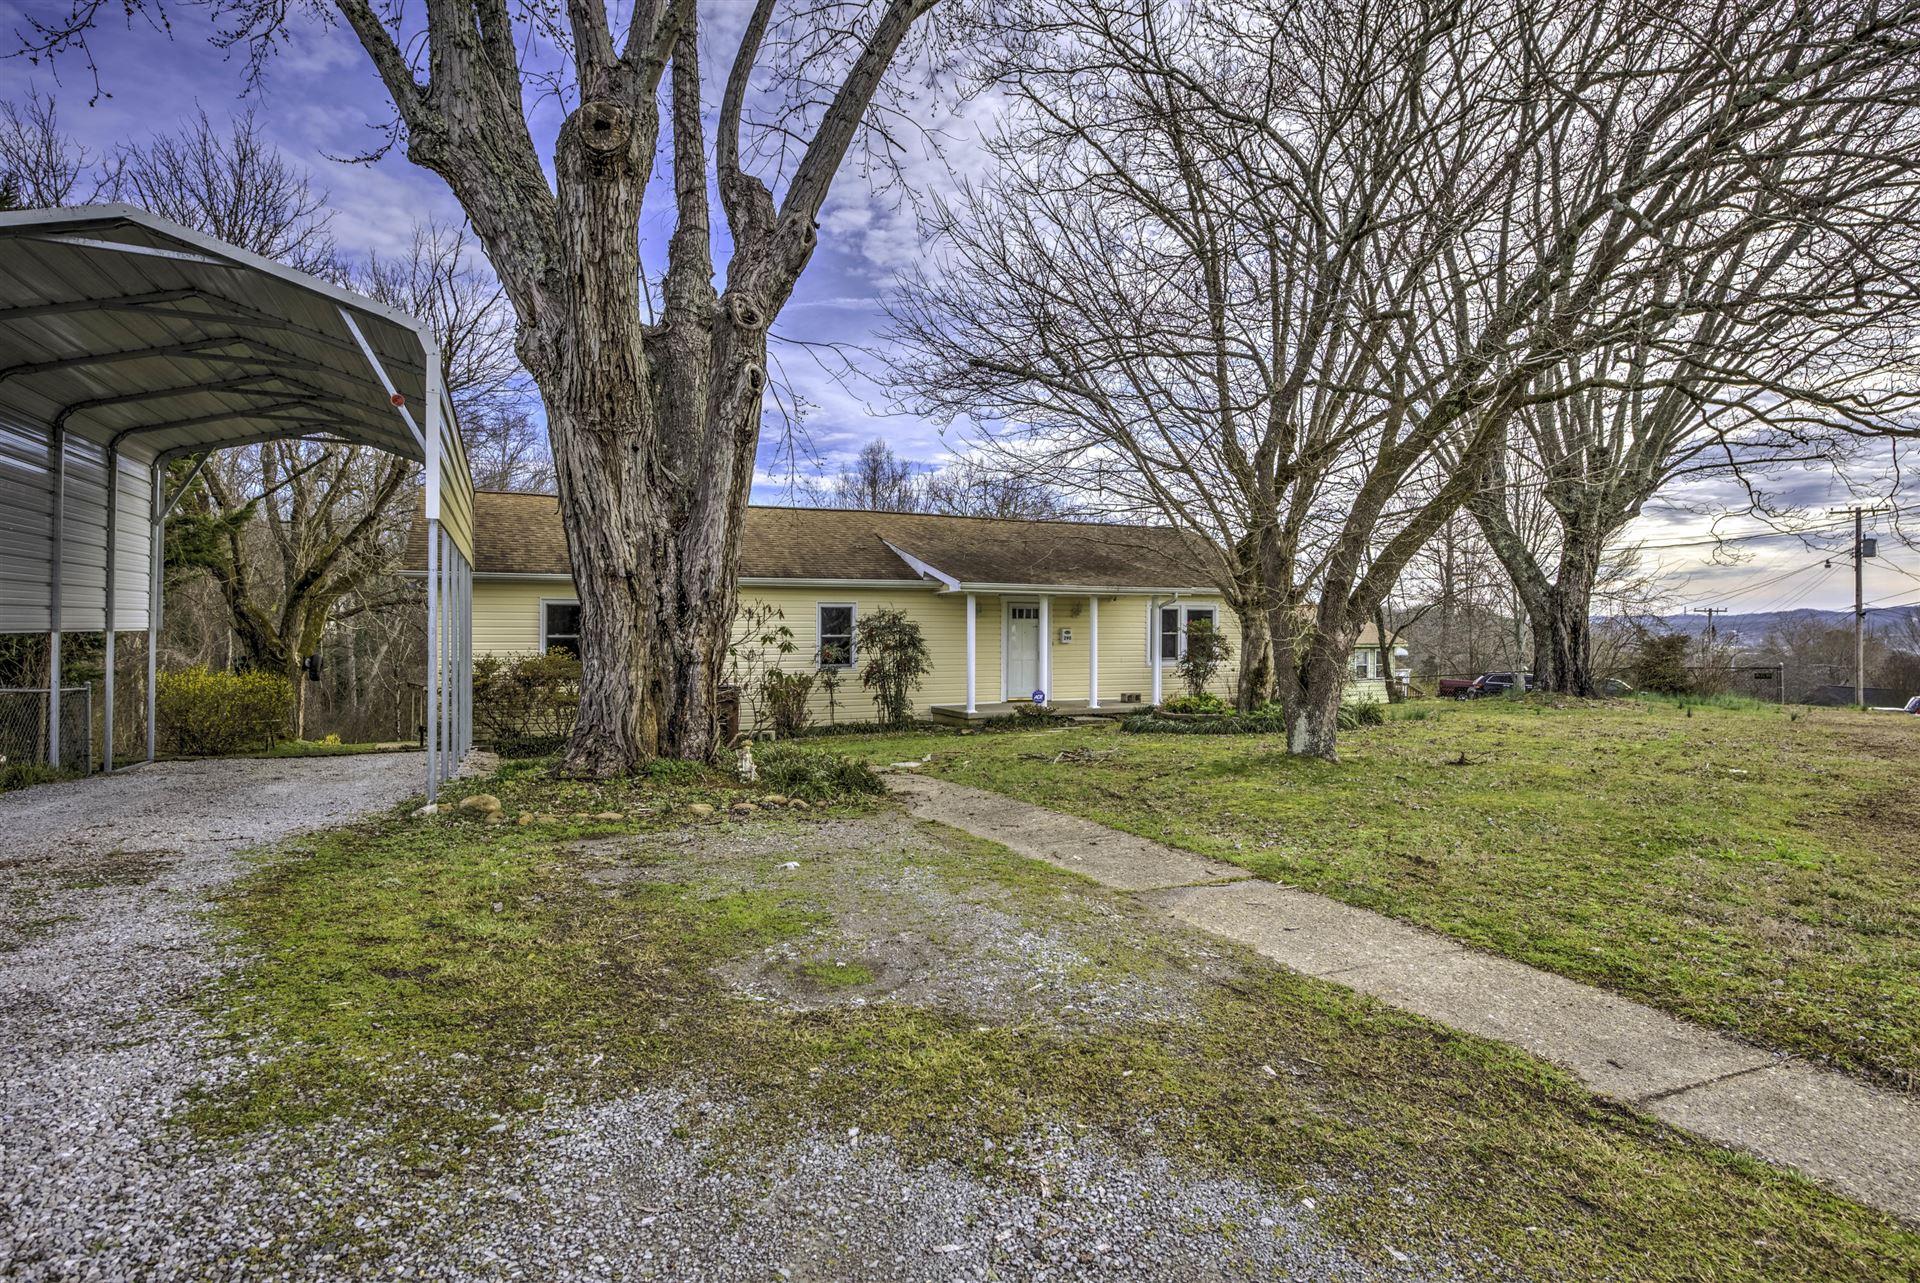 Photo of 290/292 Jefferson Ave, Oak Ridge, TN 37830 (MLS # 1109767)